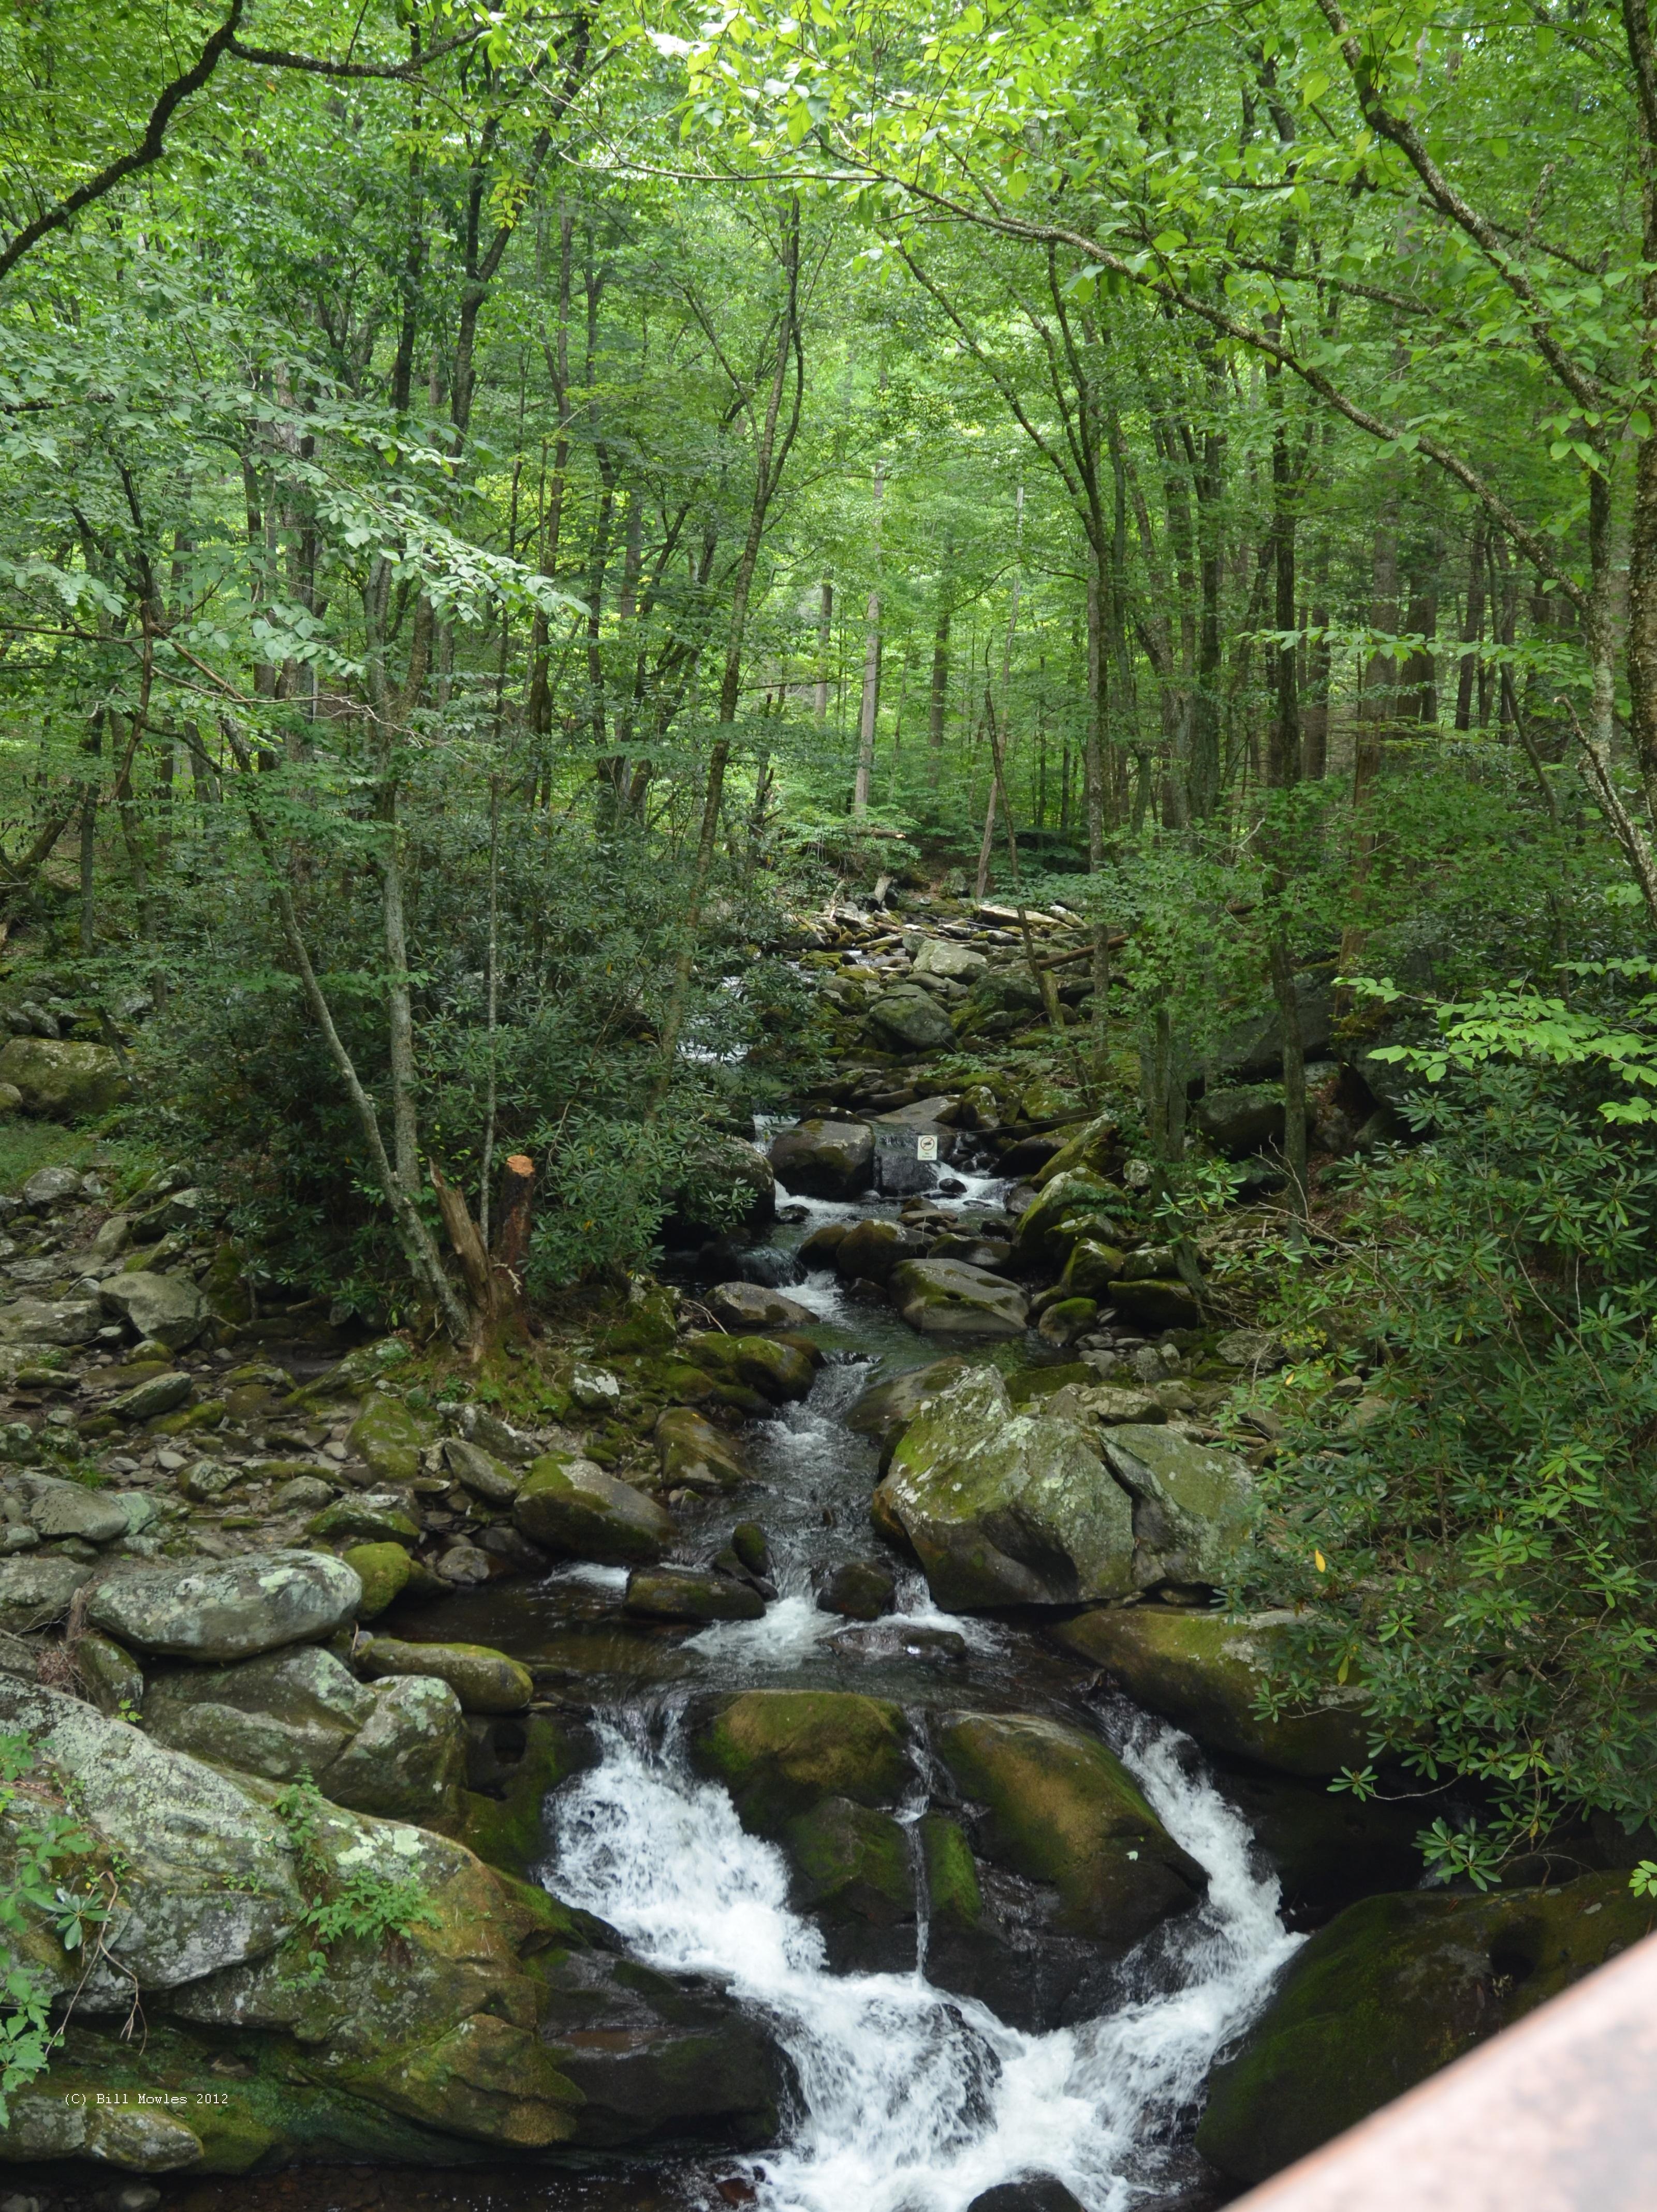 Rapids in stream (C)